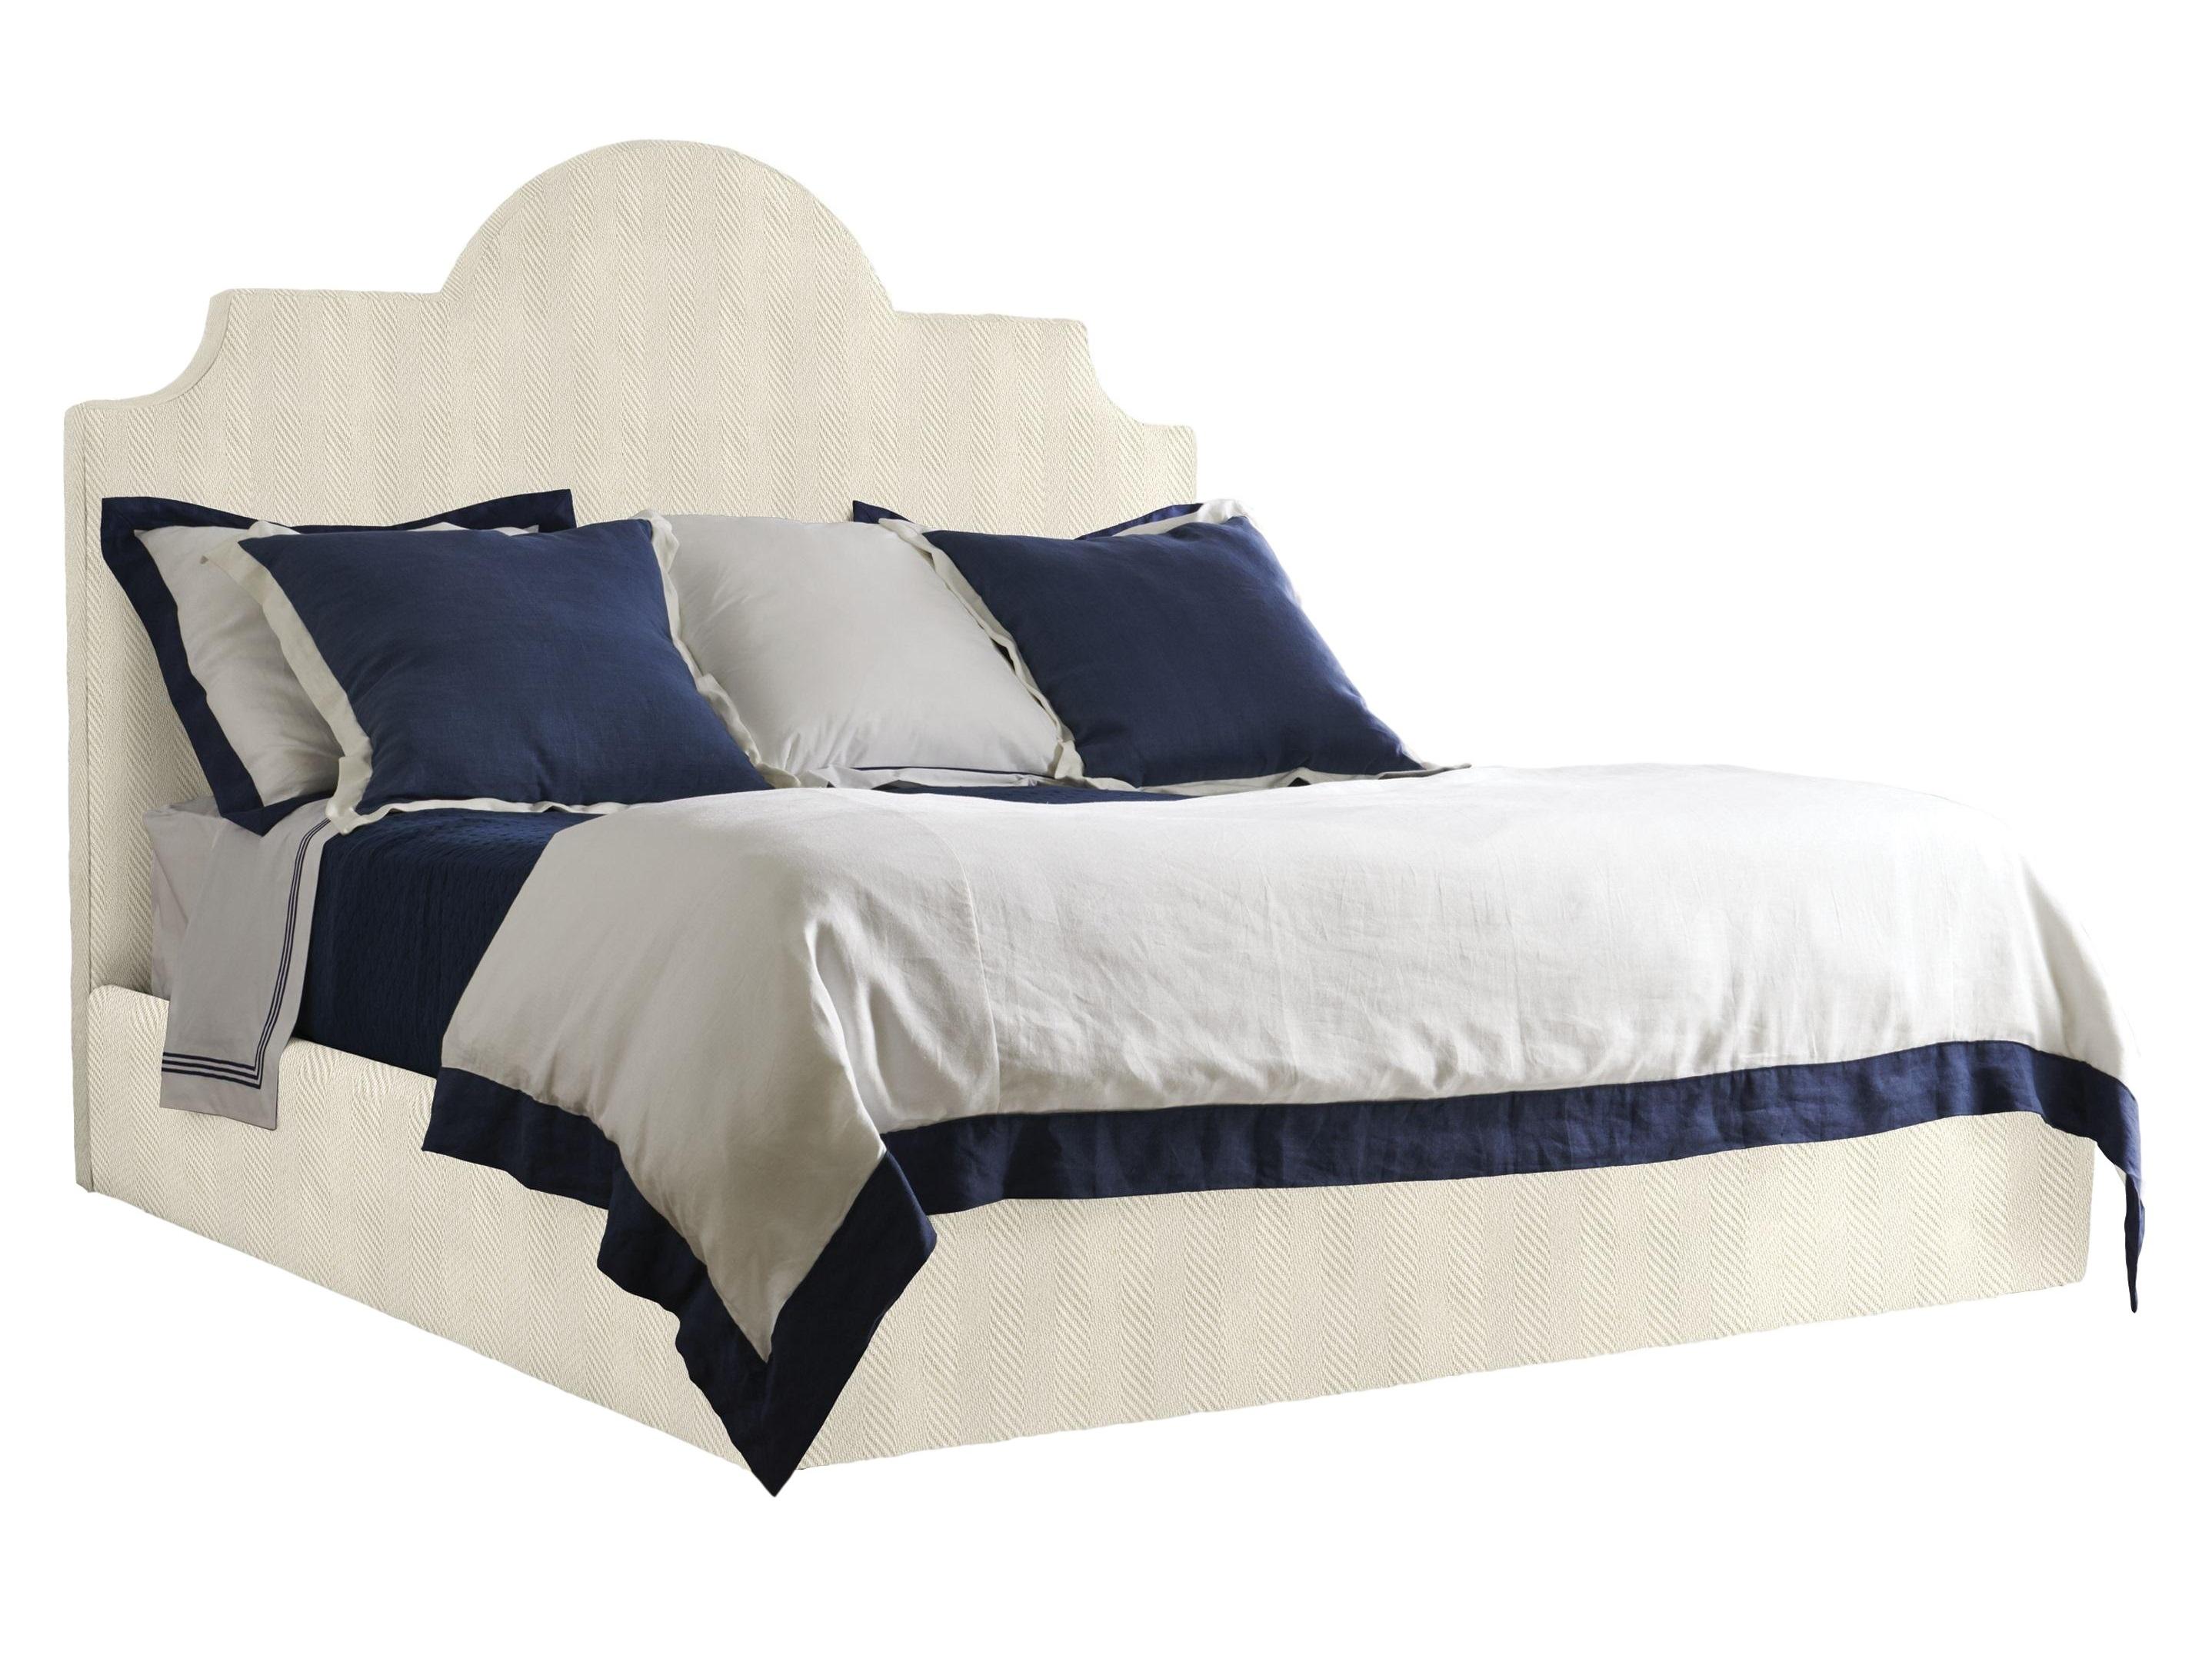 Кровать Hamptons&amp;lt;div style=&amp;quot;line-height: 24.9999px;&amp;quot;&amp;gt;&amp;lt;span style=&amp;quot;font-size: 14px;&amp;quot;&amp;gt;У вас нет дома на побережье океана? Не беда. Эта кровать в колониальном стиле поможет создать атмосферу непринужденной роскоши. Комбинируйте с массивной деревянной мебелью для интерьеров в темных тонах, или, наоборот, с позолоченными металлическими столиками, чтобы добиться эффекта в стиле Vogue. &amp;amp;nbsp;&amp;lt;/span&amp;gt;&amp;lt;/div&amp;gt;&amp;lt;div style=&amp;quot;line-height: 24.9999px;&amp;quot;&amp;gt;&amp;lt;span style=&amp;quot;font-size: 14px;&amp;quot;&amp;gt;&amp;lt;br&amp;gt;&amp;lt;/span&amp;gt;&amp;lt;/div&amp;gt;&amp;lt;div style=&amp;quot;line-height: 24.9999px;&amp;quot;&amp;gt;&amp;lt;span style=&amp;quot;font-size: 14px;&amp;quot;&amp;gt;Гарантия качества&amp;amp;nbsp;&amp;lt;/span&amp;gt;&amp;lt;/div&amp;gt;&amp;lt;div style=&amp;quot;line-height: 24.9999px;&amp;quot;&amp;gt;Съемные чехлы&amp;lt;/div&amp;gt;&amp;lt;div style=&amp;quot;line-height: 24.9999px;&amp;quot;&amp;gt;200 вариантов тканей. &amp;amp;nbsp;&amp;lt;/div&amp;gt;&amp;lt;div style=&amp;quot;line-height: 24.9999px;&amp;quot;&amp;gt;Размер спального места: 160х200. Возможны другие размеры.&amp;amp;nbsp;&amp;lt;/div&amp;gt;<br><br>Material: Текстиль<br>Length см: None<br>Width см: 170<br>Depth см: 210<br>Height см: 150<br>Diameter см: None